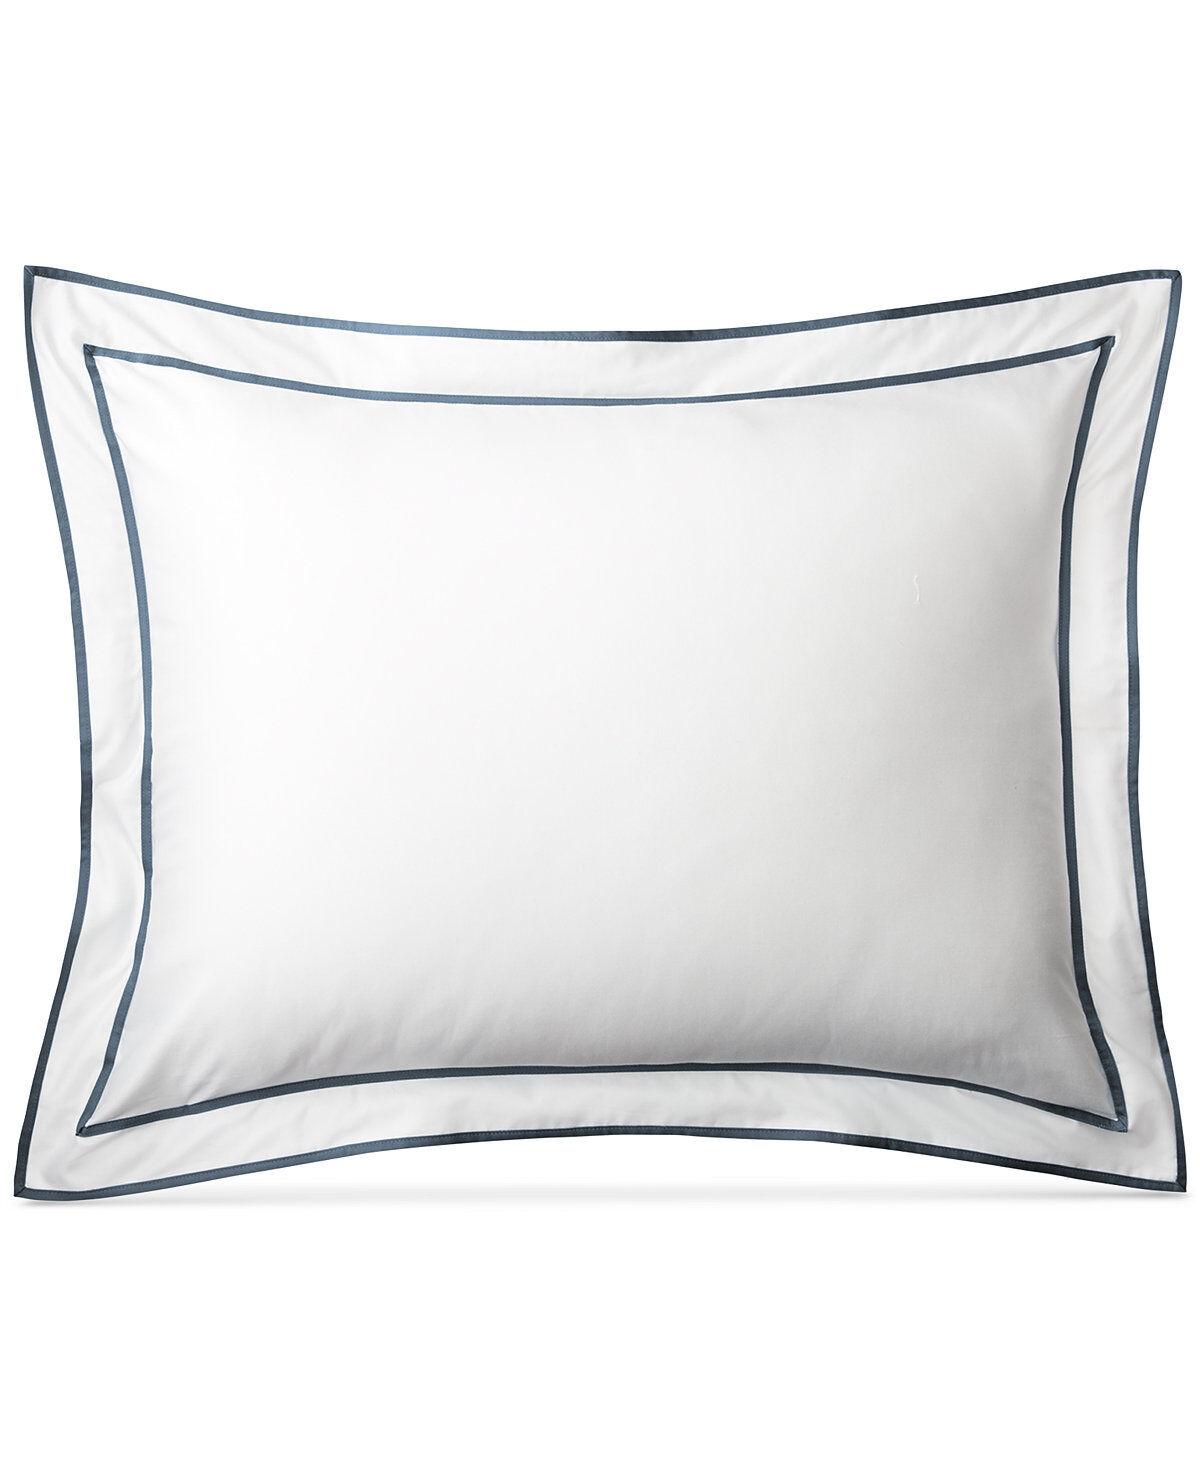 Ralph Lauren Home Spencer Sateen Border STANDARD Pillow Sham Fisher blueee  100